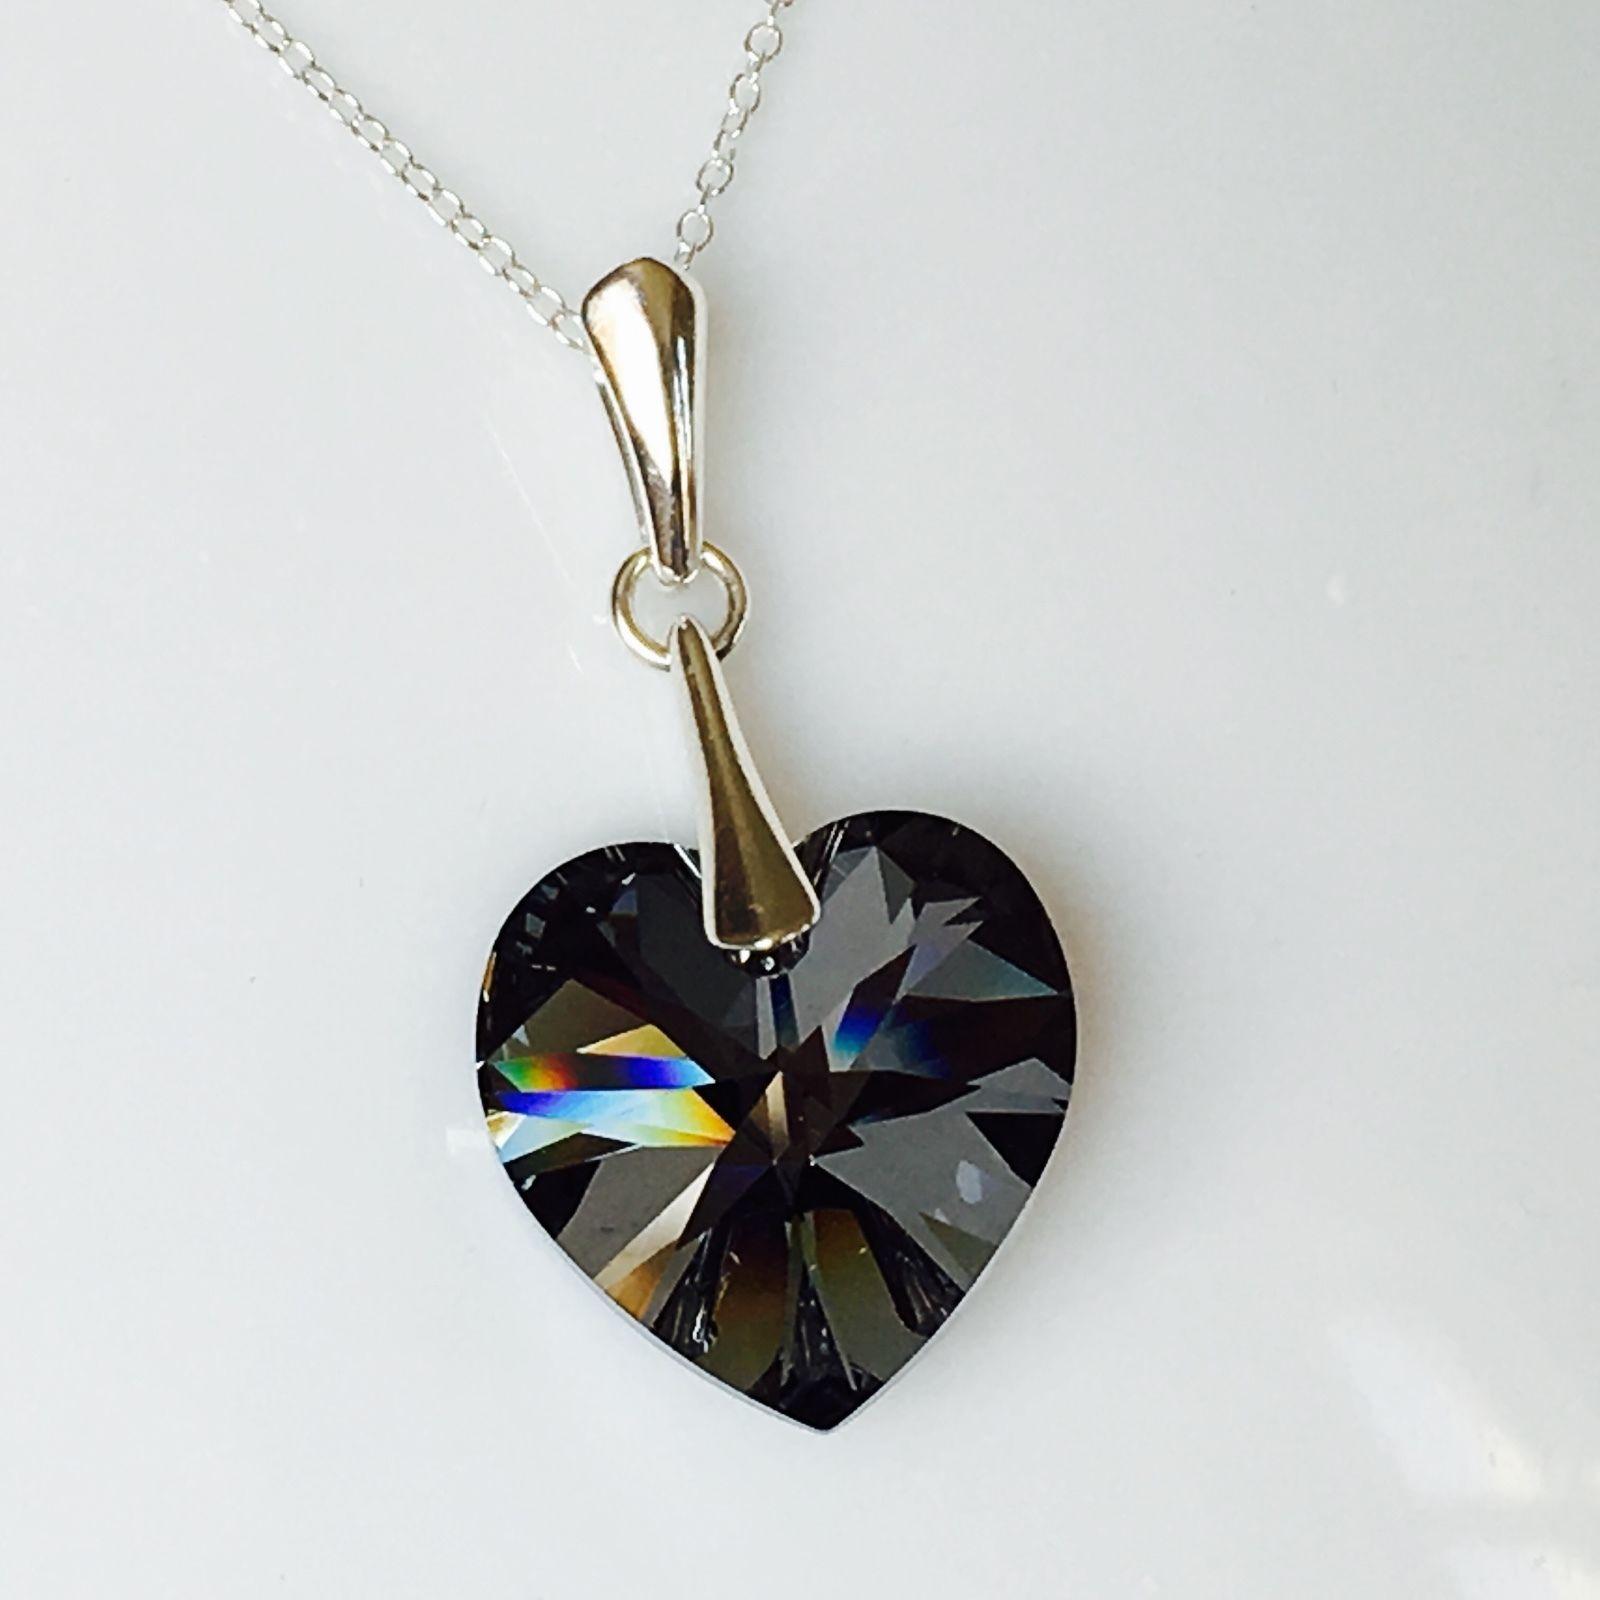 daa7ce00a Swarovski Elements Silver Night Heart | Crystal Elegance